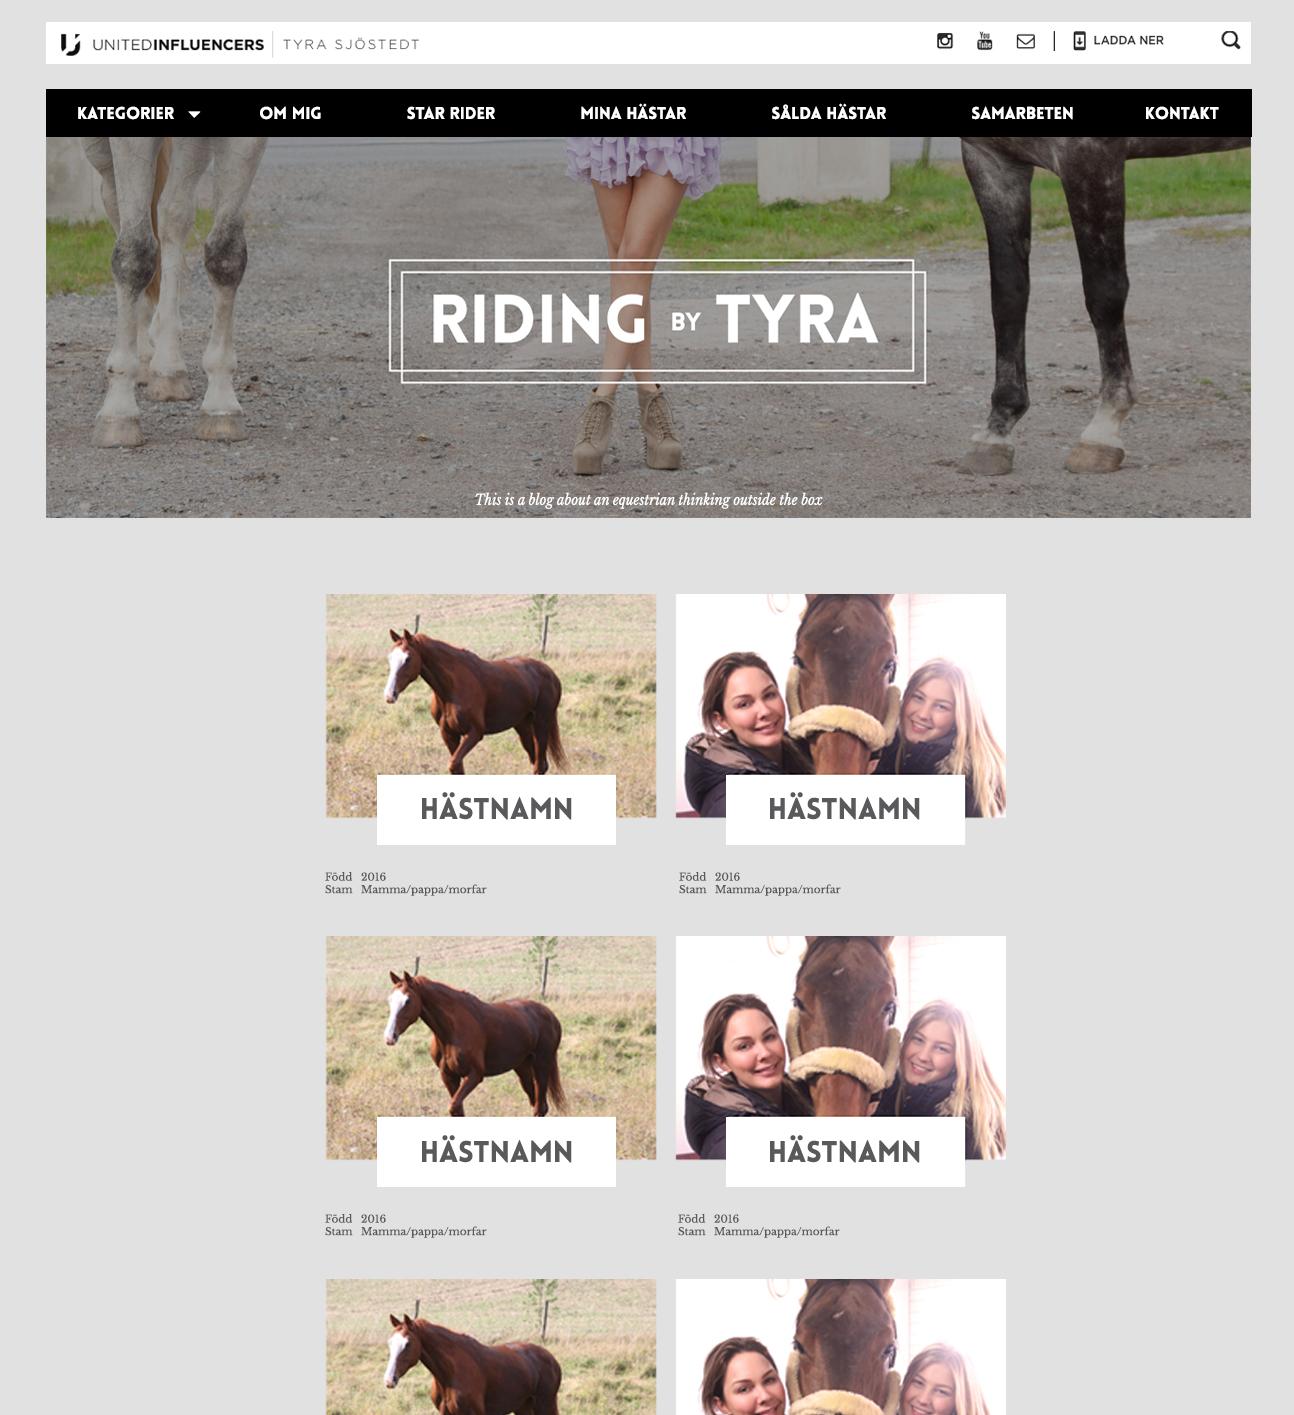 Sålda_hästar